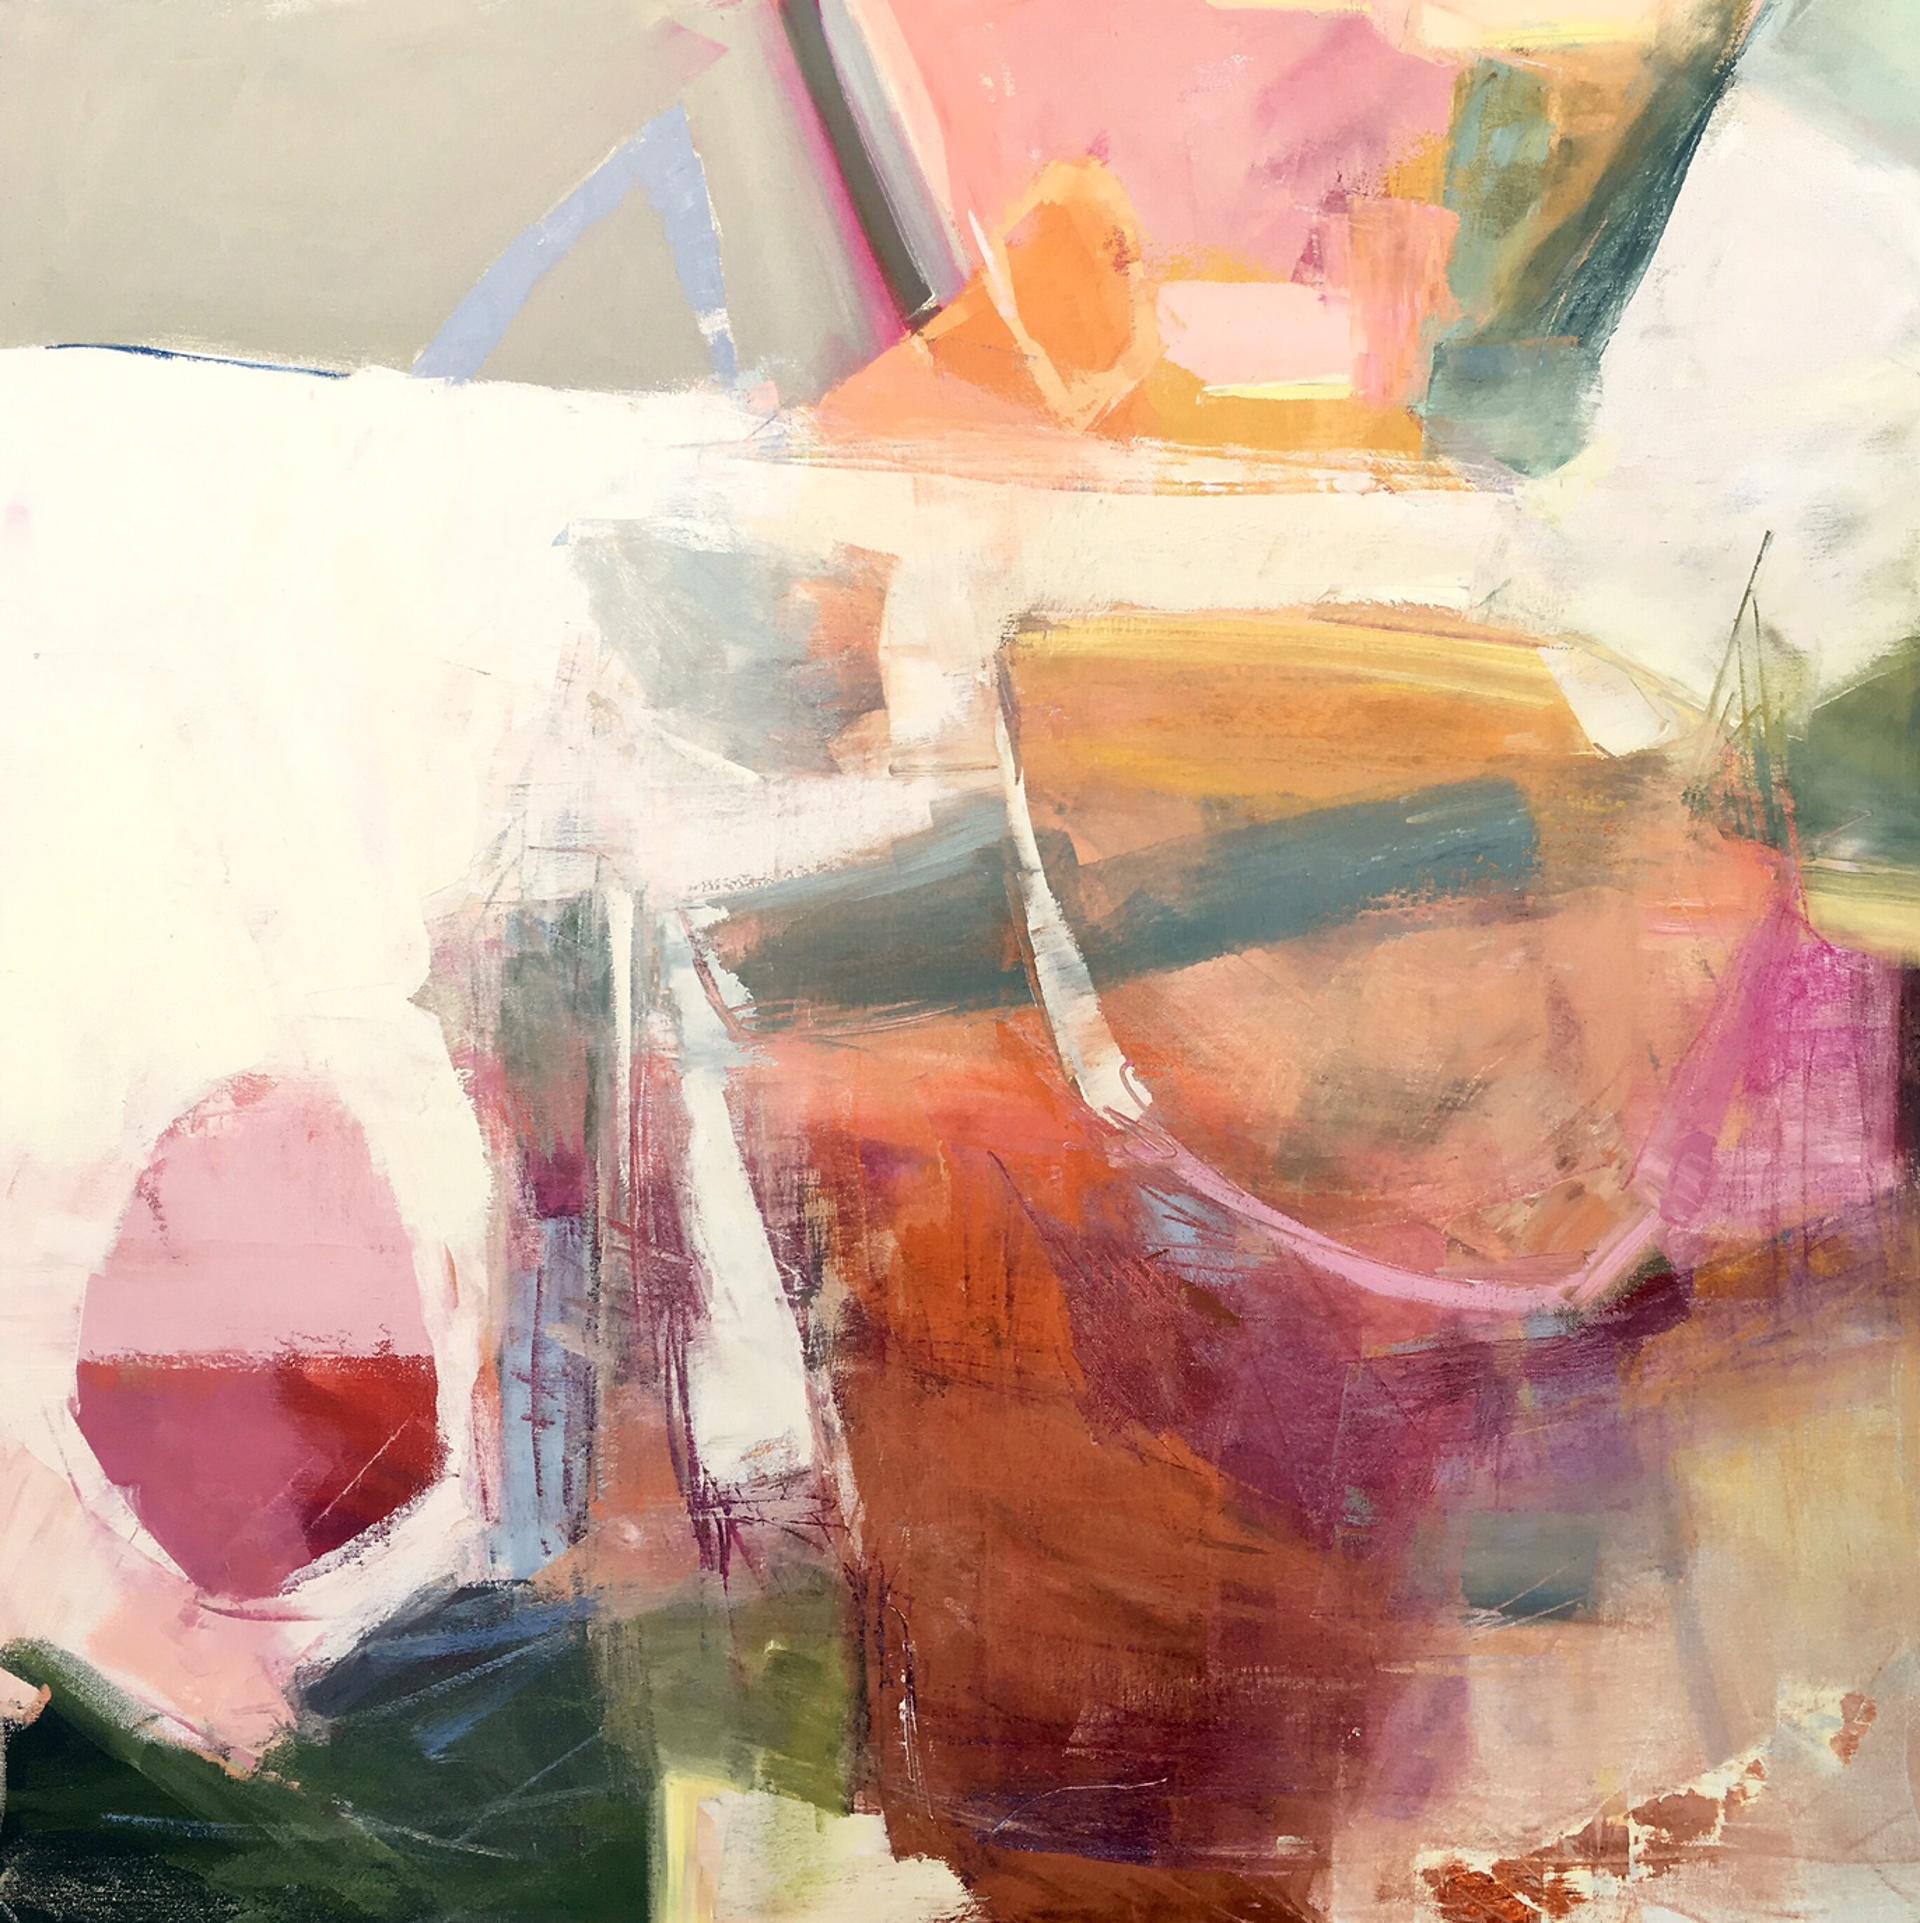 Sojourn by Marissa Vogl